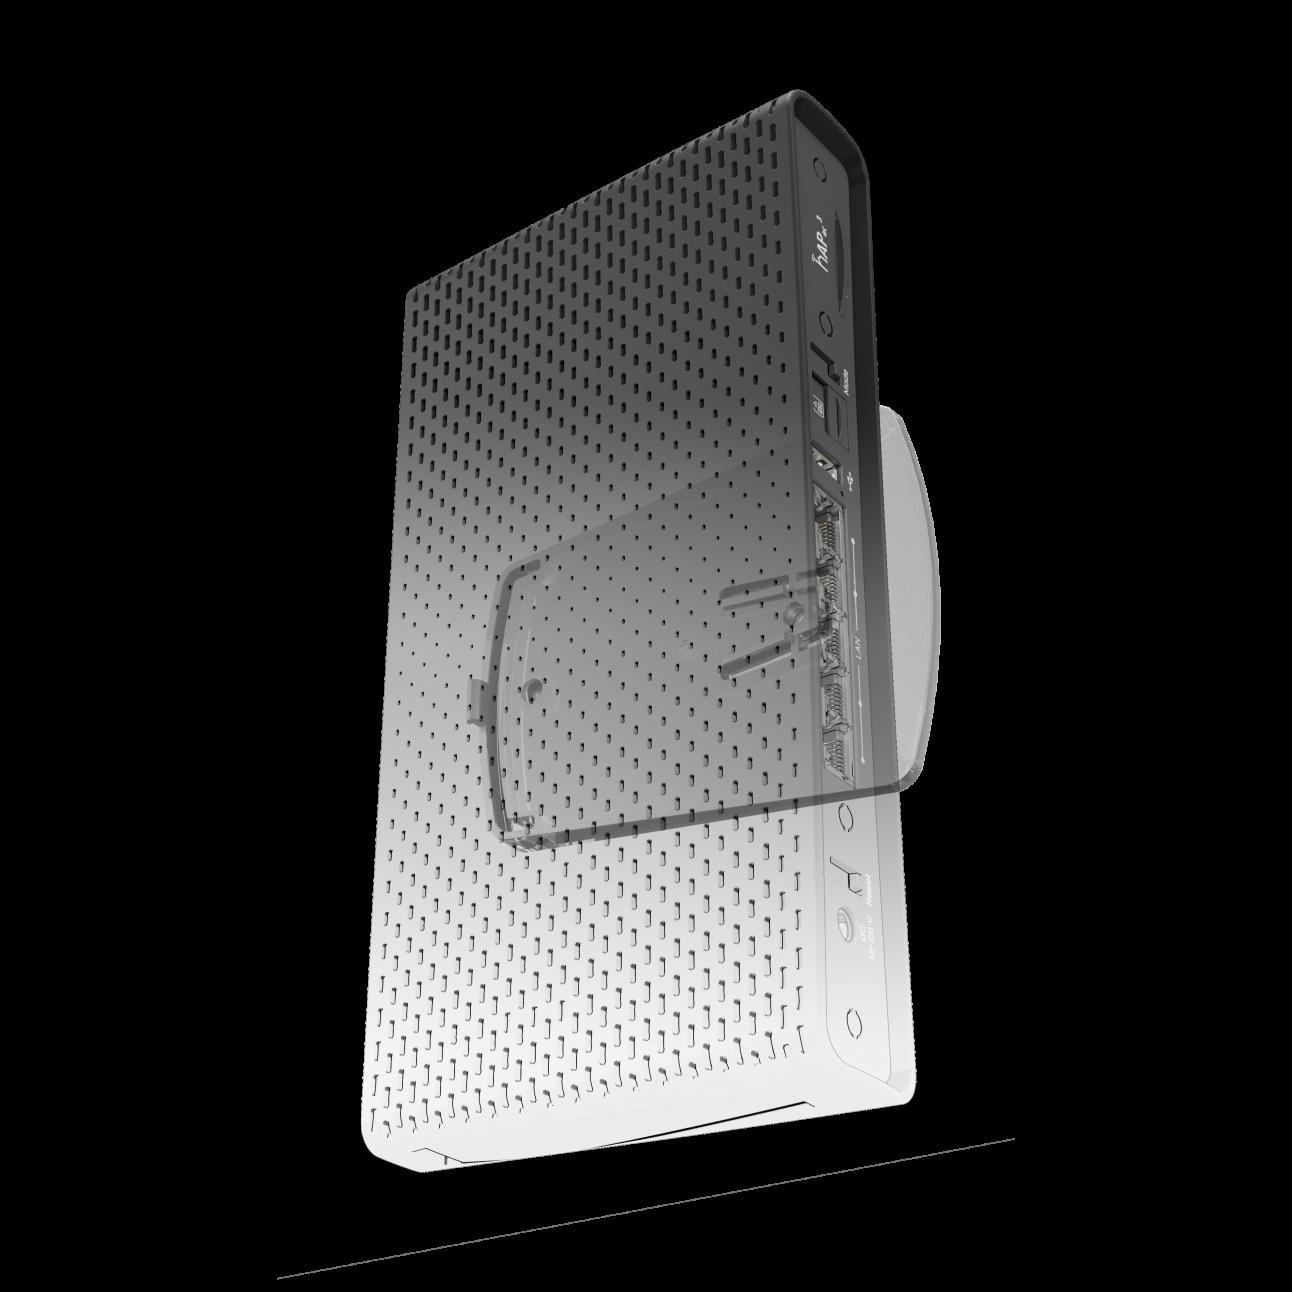 Радиомаршрутизатор MikroTik hAP ac 3